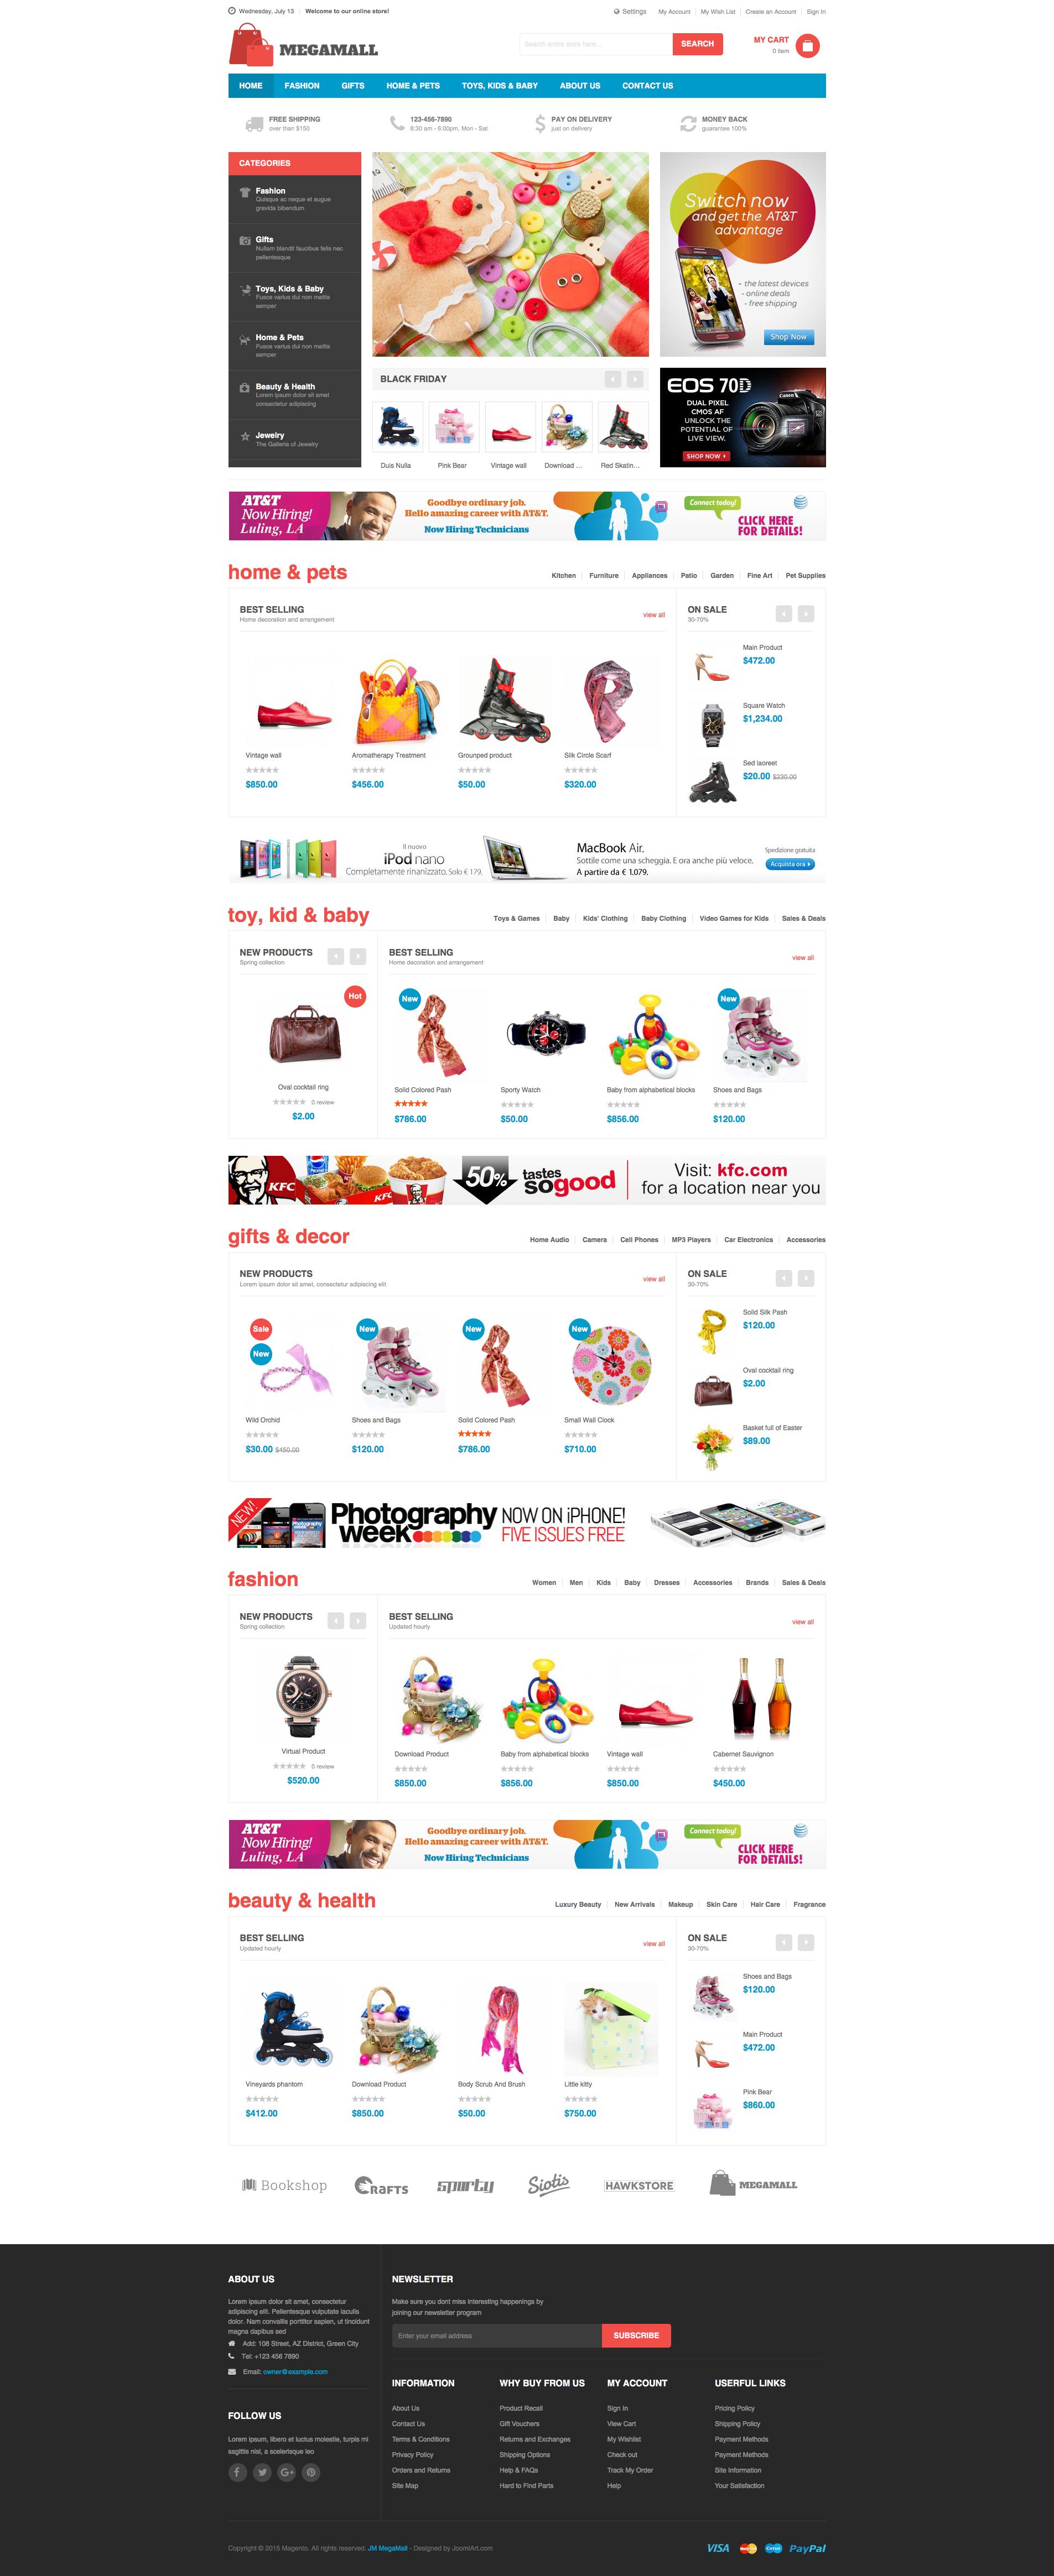 UB MegaMall Homepage